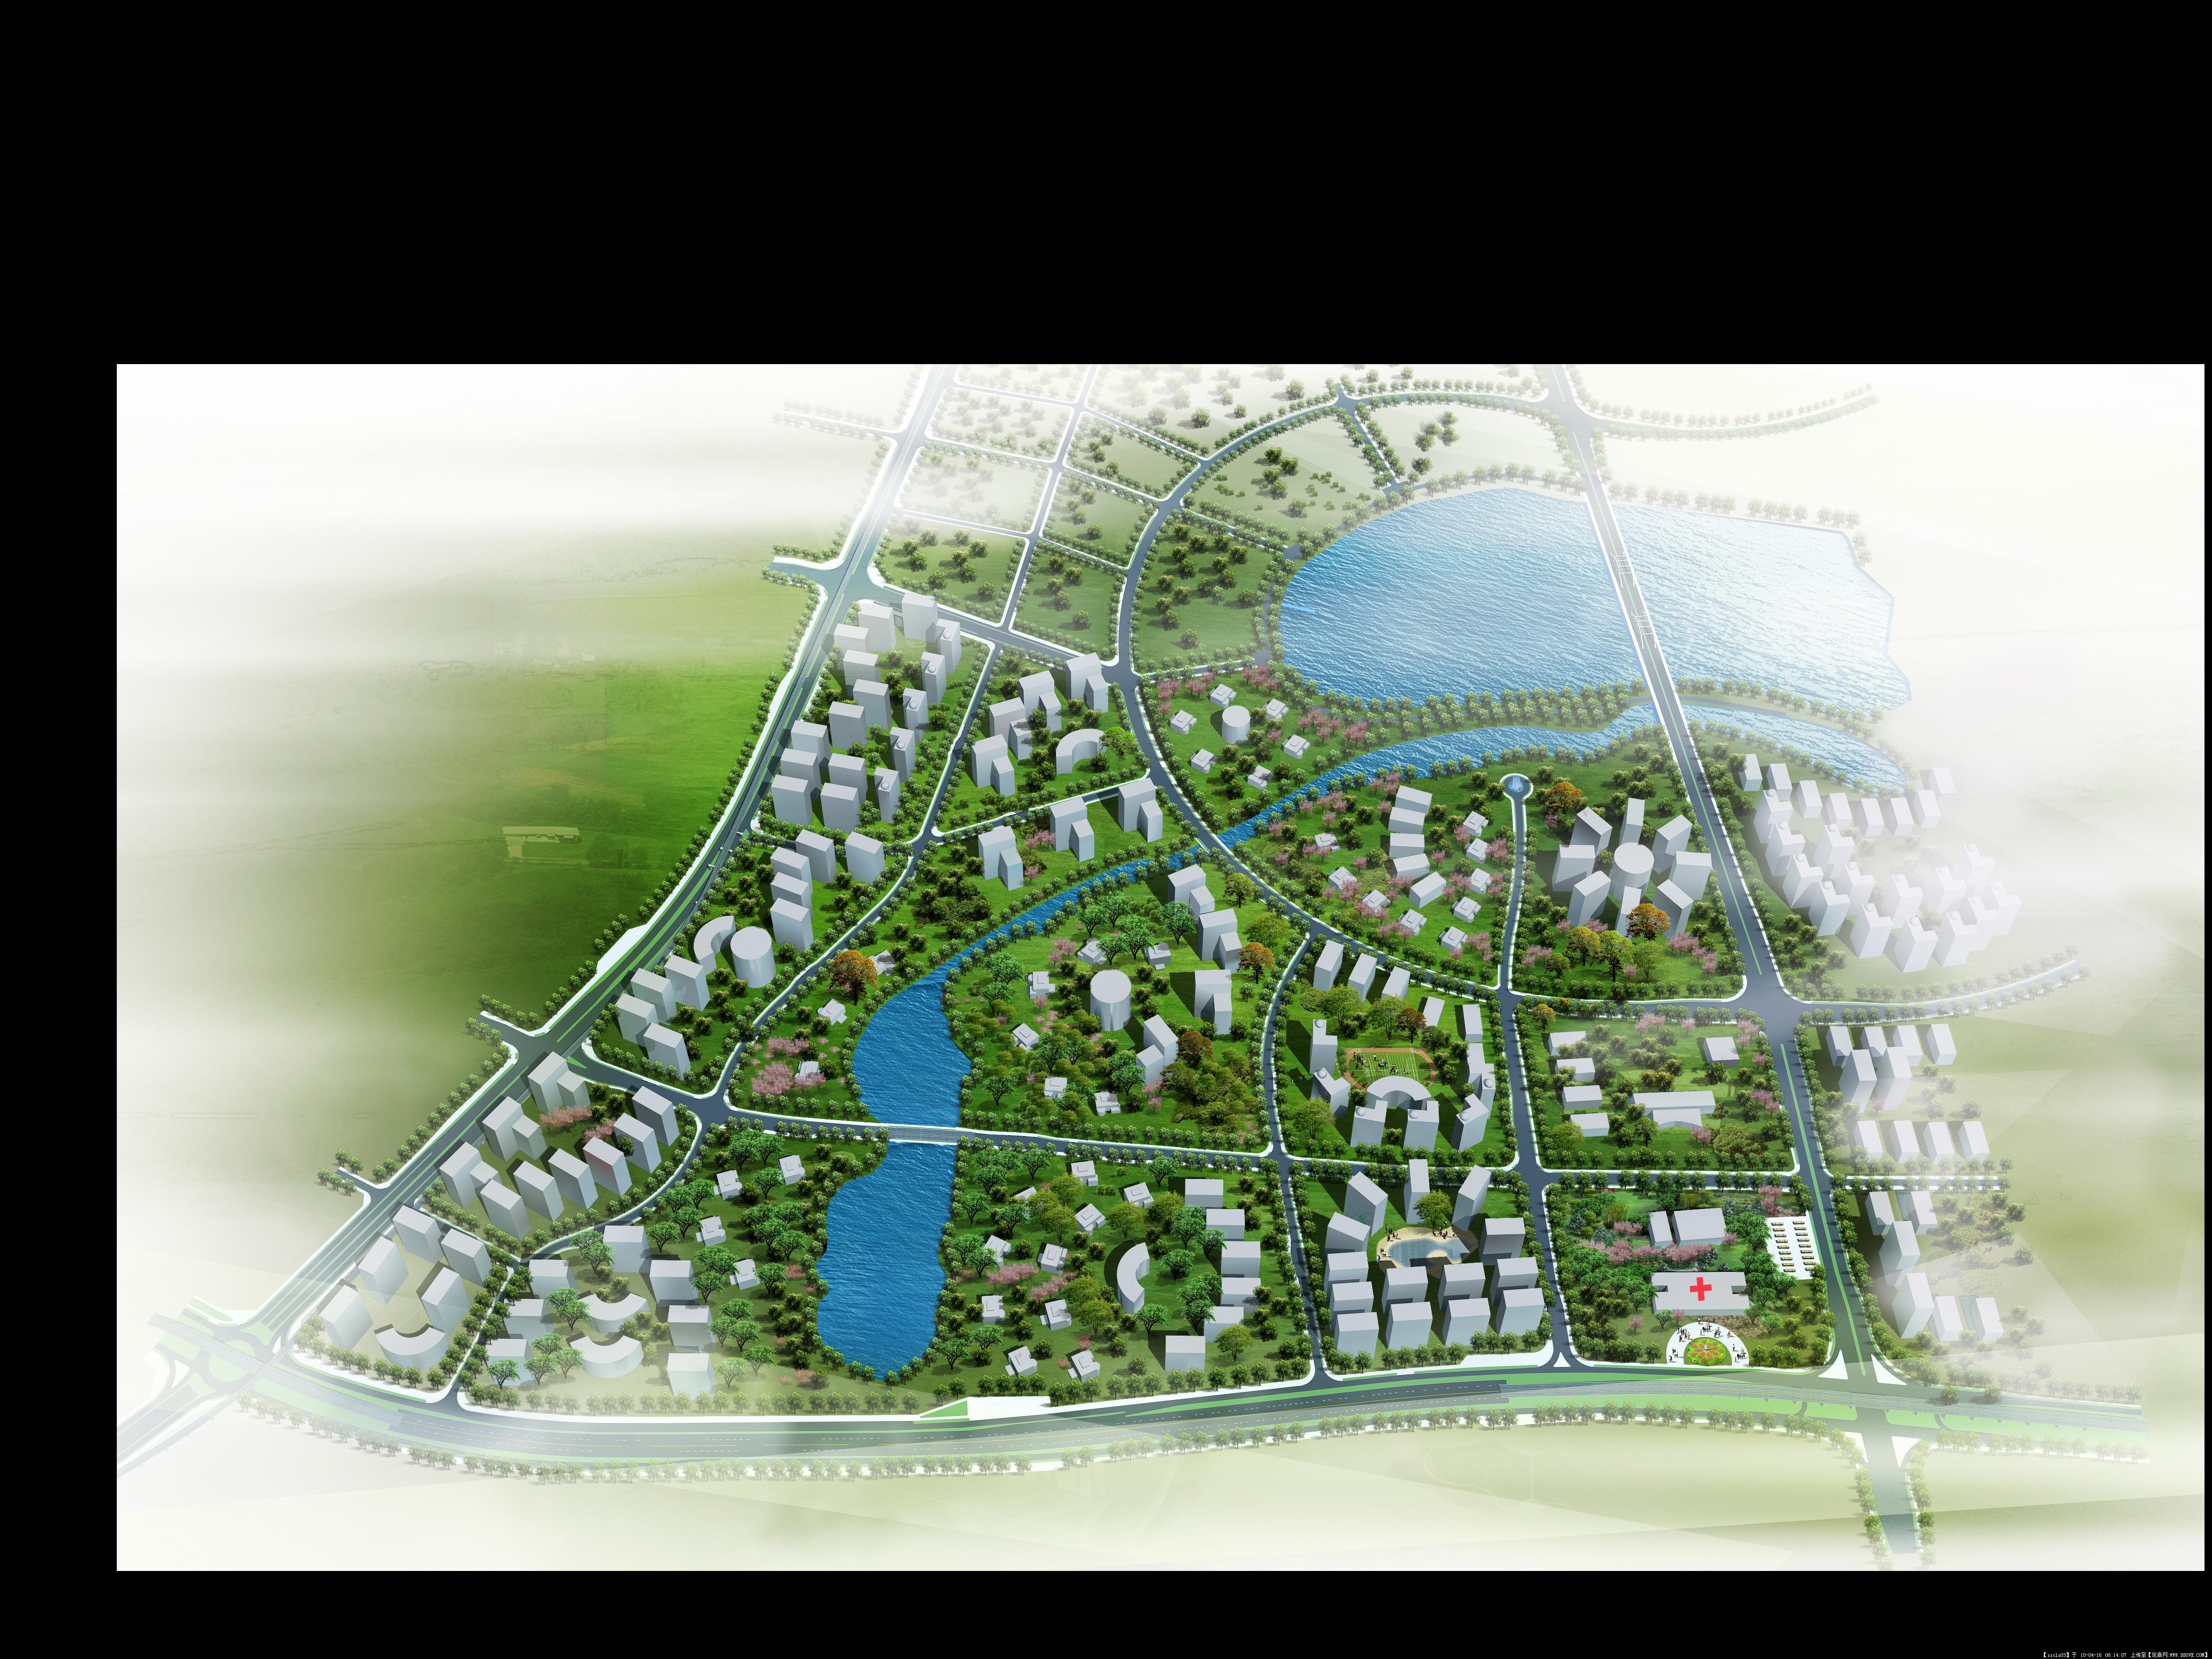 某居住区景观鸟瞰图;; 景观园林鸟瞰图景观园林手绘效果图中式景观